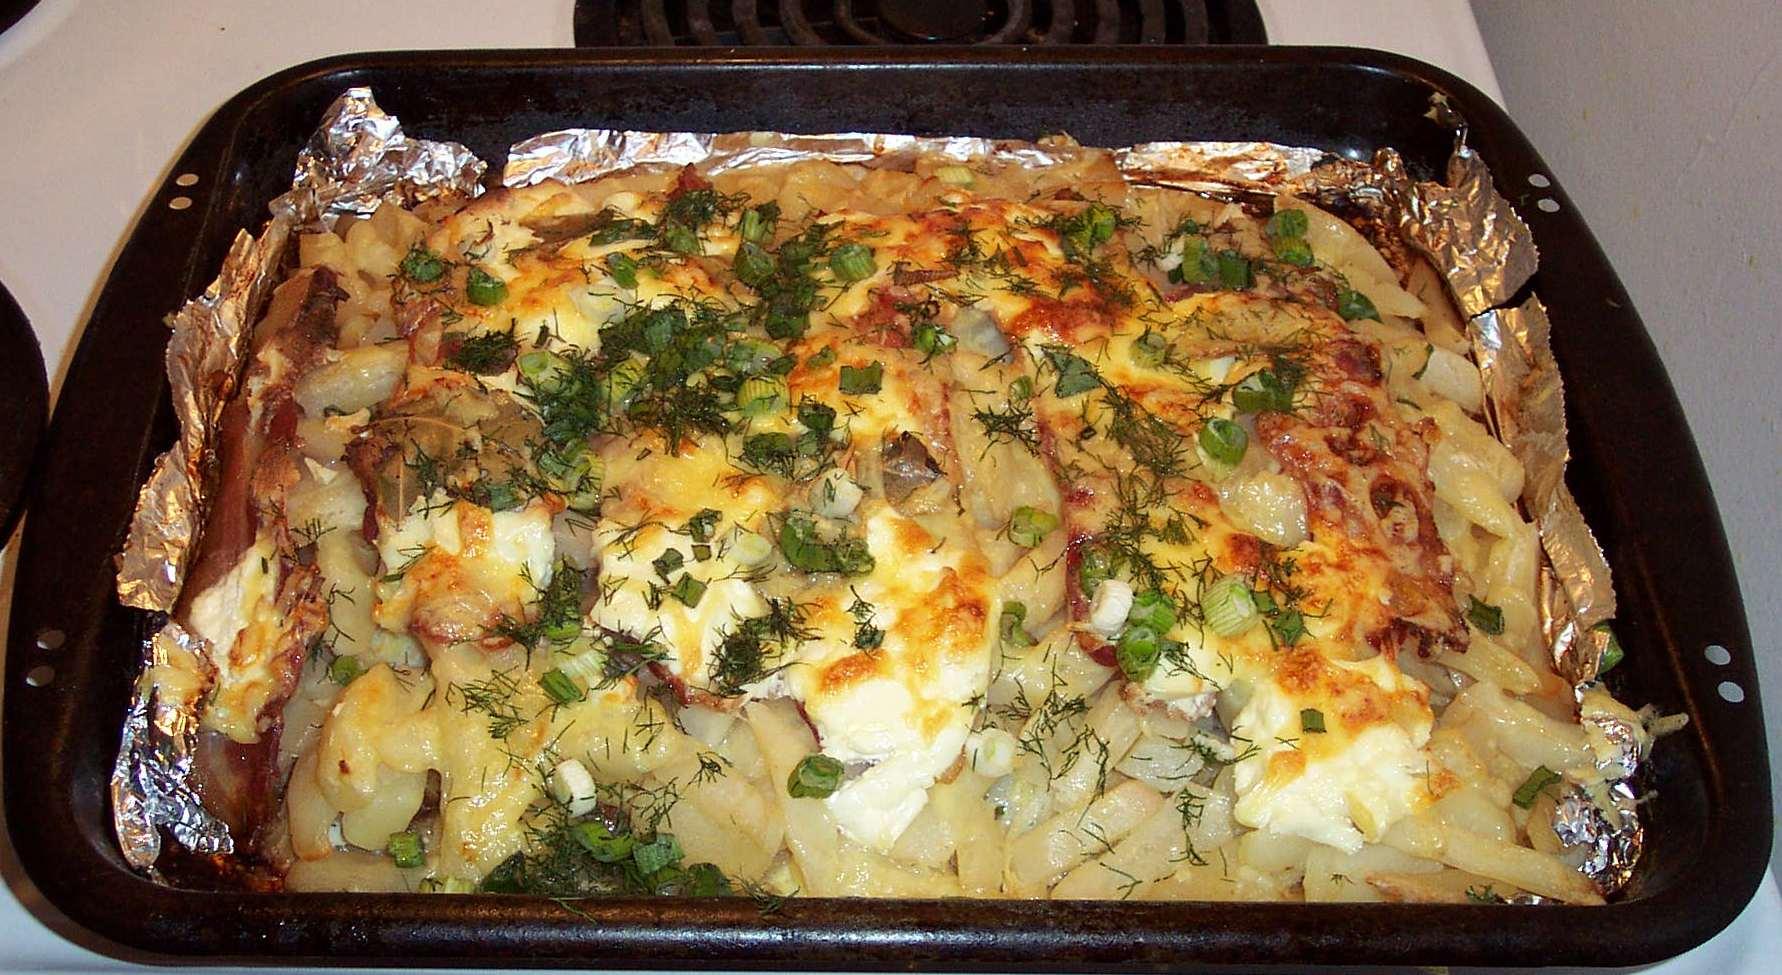 Картошка с мясом в сметане в духовке рецепт с фото пошагово - 1000.menu